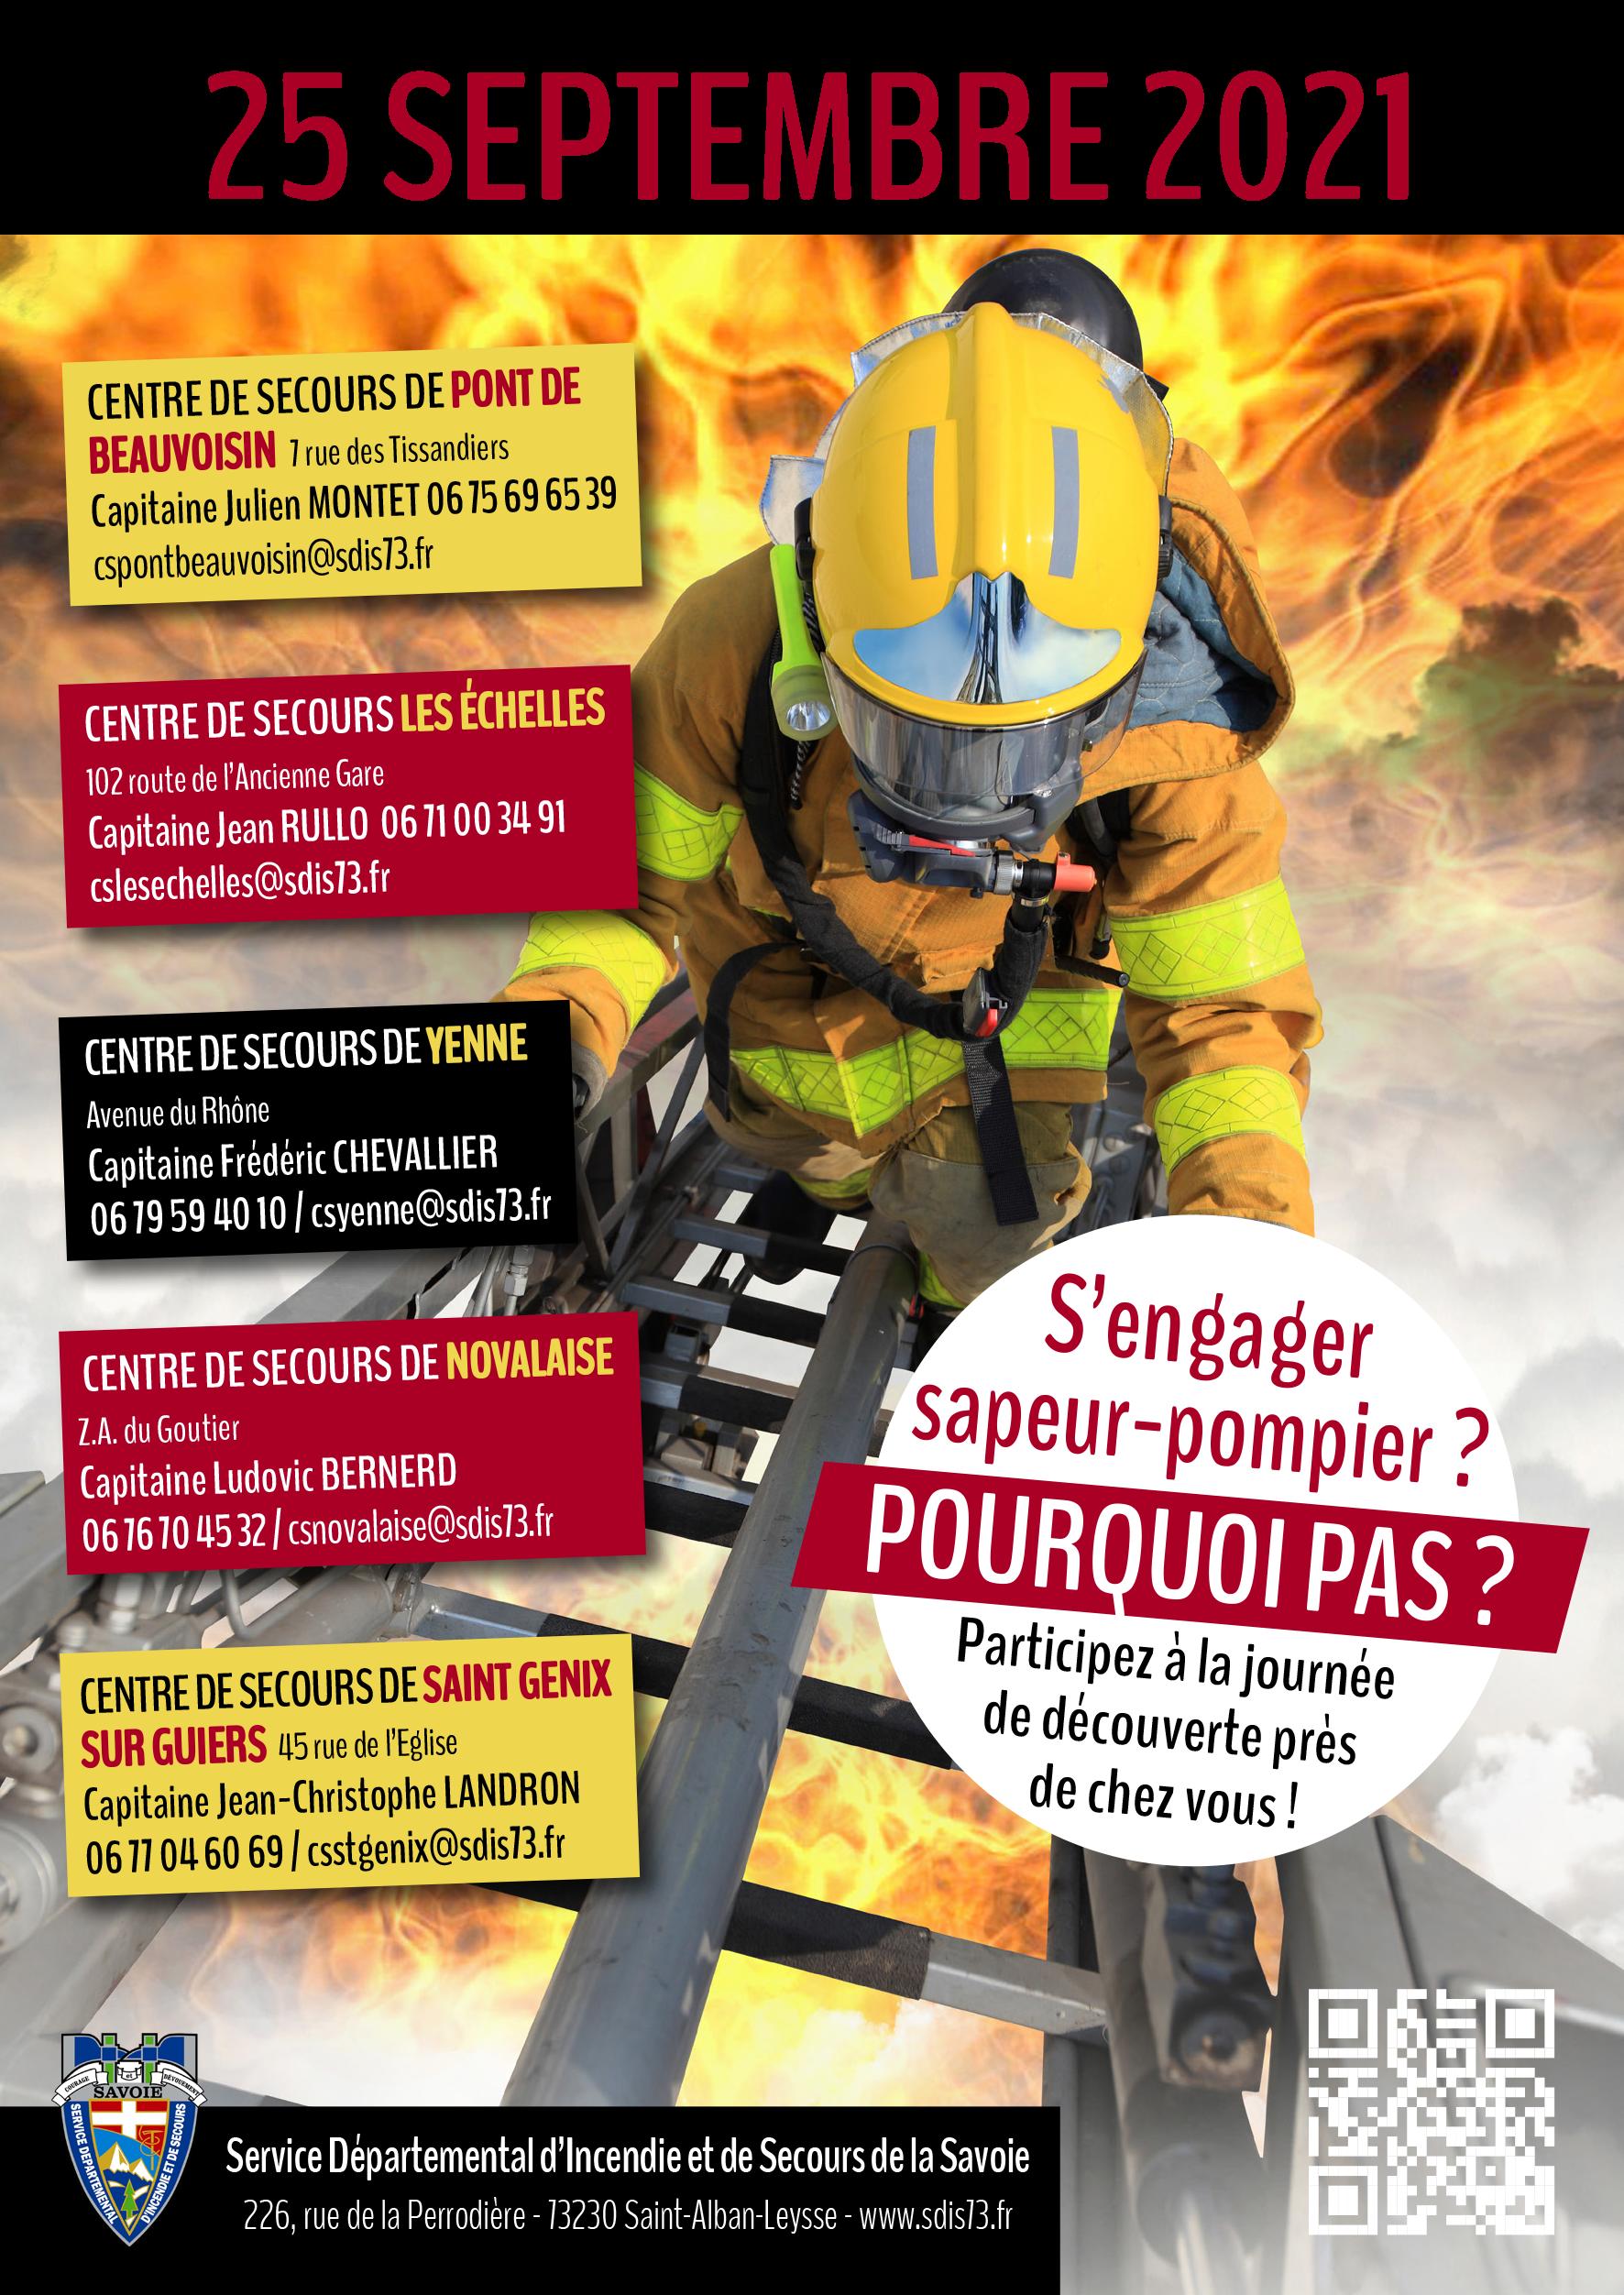 Vie ma vie de pompier volontaire !